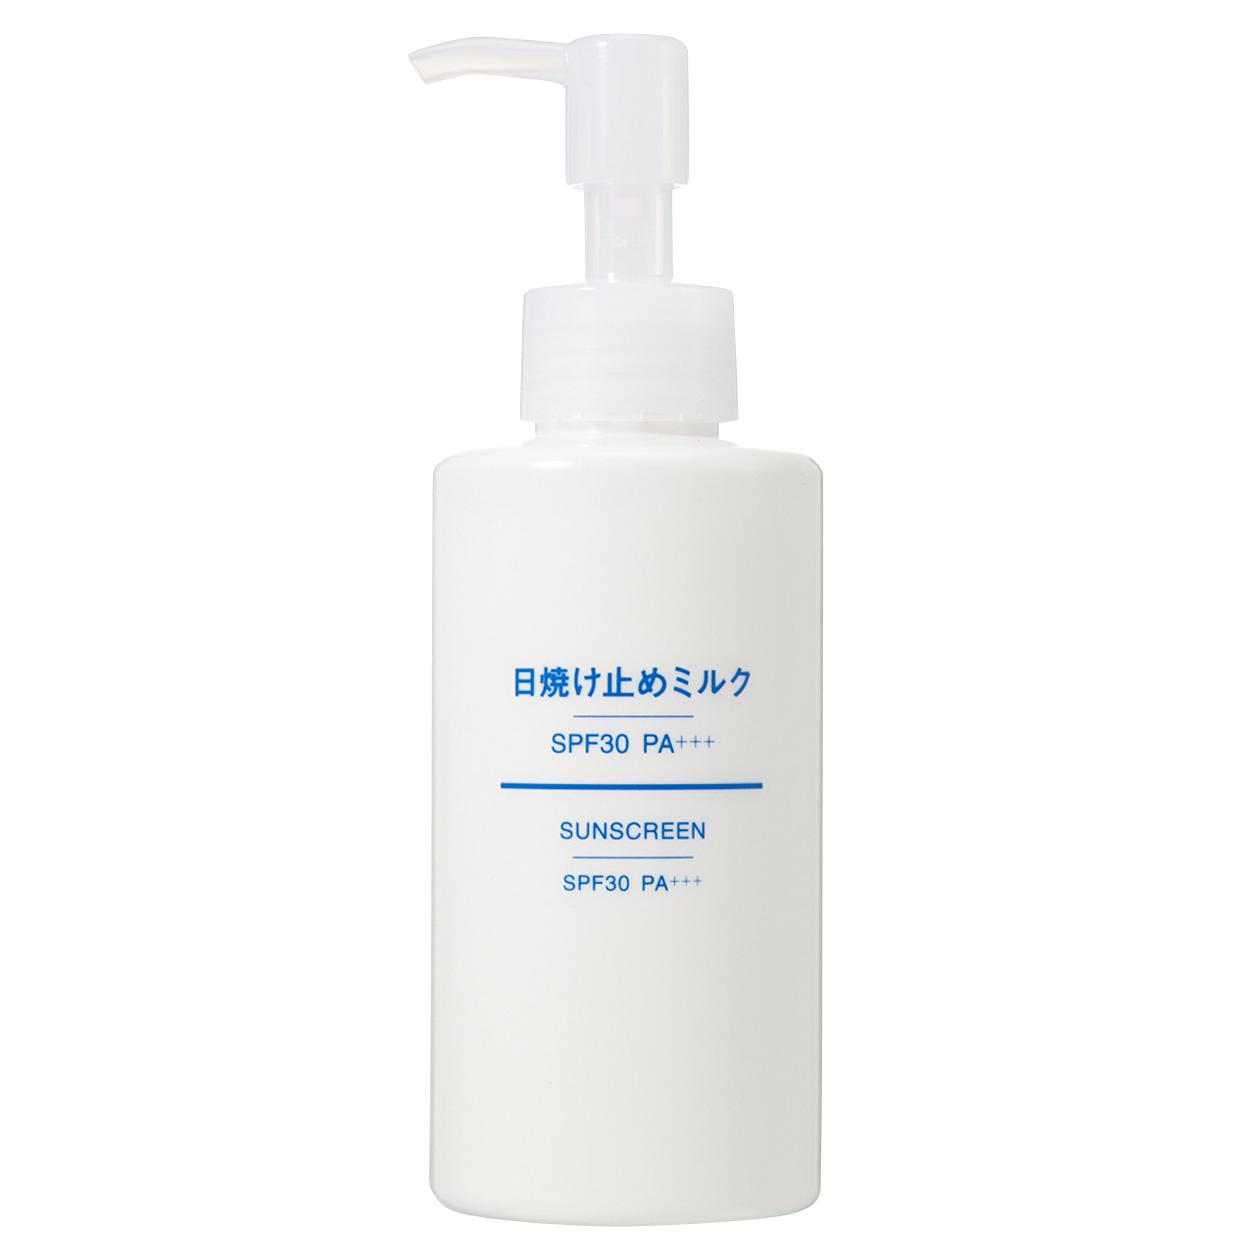 sua-chong-nang-muji-sunscreen-milk-spf30-pa-review-thanh-phan-gia-cong-dung